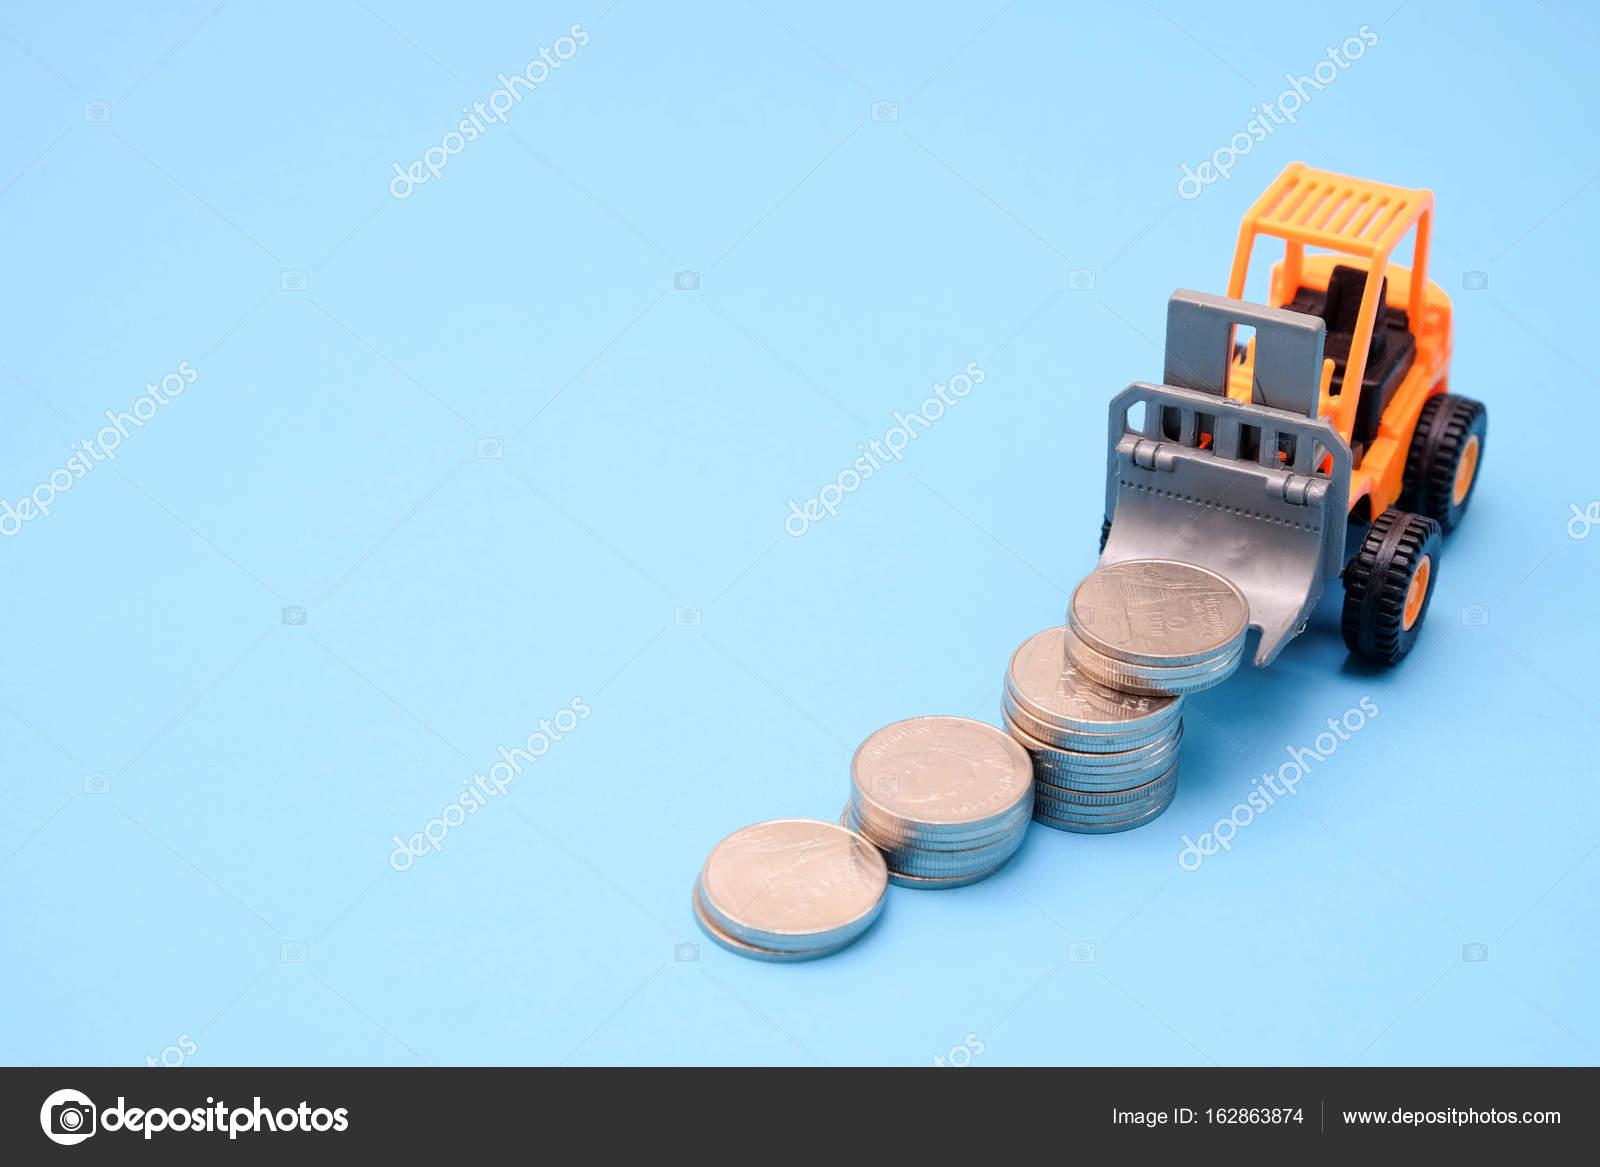 Ahorrar Dinero Para Inversion Concepto Carro Juguete Y Monedas Sobre